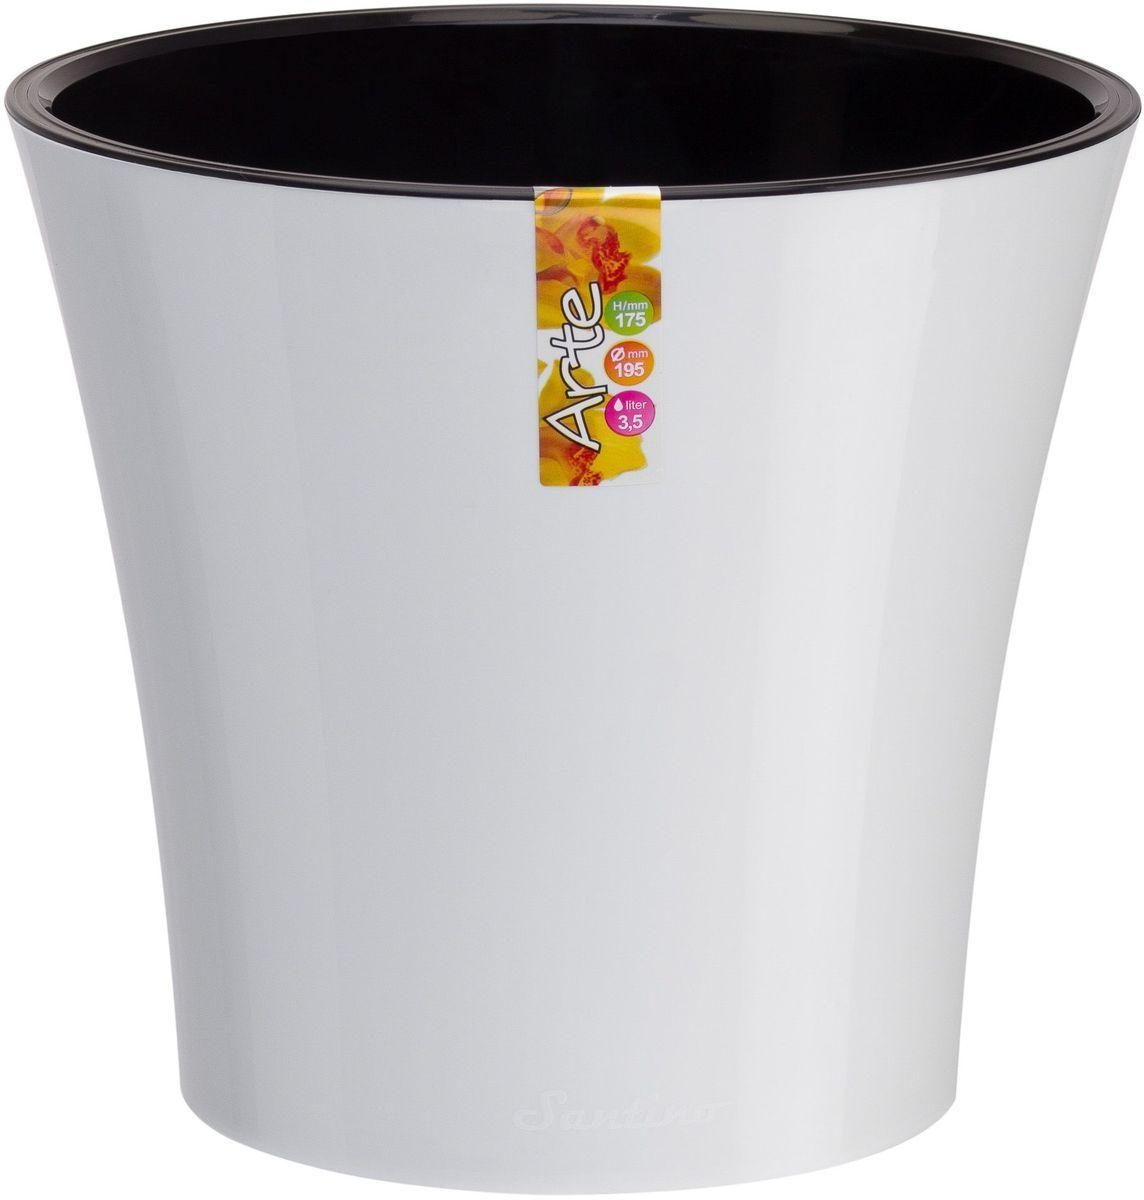 Горшок цветочный Santino Арте, двойной, с системой автополива, цвет: белый, черный, 2 лАРТ 2 Б-ЧГоршок цветочный Santino Арте снабжен дренажной системой и состоит из кашпо и вазона-вкладыша. Изготовлен из пластика. Особенность: тарелочка или блюдце не нужны. Горшок предназначен для любых растений или цветов. Цветочный дренаж – это система, которая позволяет выводить лишнюю влагу через корневую систему цветка и слой почвы. Растение – это живой организм, следовательно, ему необходимо дышать. В доступе к кислороду нуждаются все части растения: -листья; -корневая система. Если цветовод по какой-либо причине зальет цветок водой, то она буквально вытеснит из почвенного слоя все пузырьки кислорода. Анаэробная среда способствует развитию различного рода бактерий. Безвоздушная среда приводит к загниванию корневой системы, цветок в результате увядает. Суть работы дренажной системы заключается в том, чтобы осуществлять отвод лишней влаги от растения и давать возможность корневой системе дышать без проблем. Следовательно, каждому цветку необходимо: -иметь в основании цветочного горшочка хотя бы одно небольшое дренажное отверстие. Оно необходимо для того, чтобы через него выходила лишняя вода, плюс ко всему это отверстие дает возможность циркулировать воздух. -на самом дне горшка необходимо выложить слоем в 2-5 см (зависит от вида растения) дренаж.УВАЖАЕМЫЕ КЛИЕНТЫ!Обращаем ваше внимание на тот факт, что фото изделия служит для визуального восприятия товара. Литраж и размеры, представленные на этикетке товара, могут по факту отличаться от реальных. Корректные данные в поле Размеры.